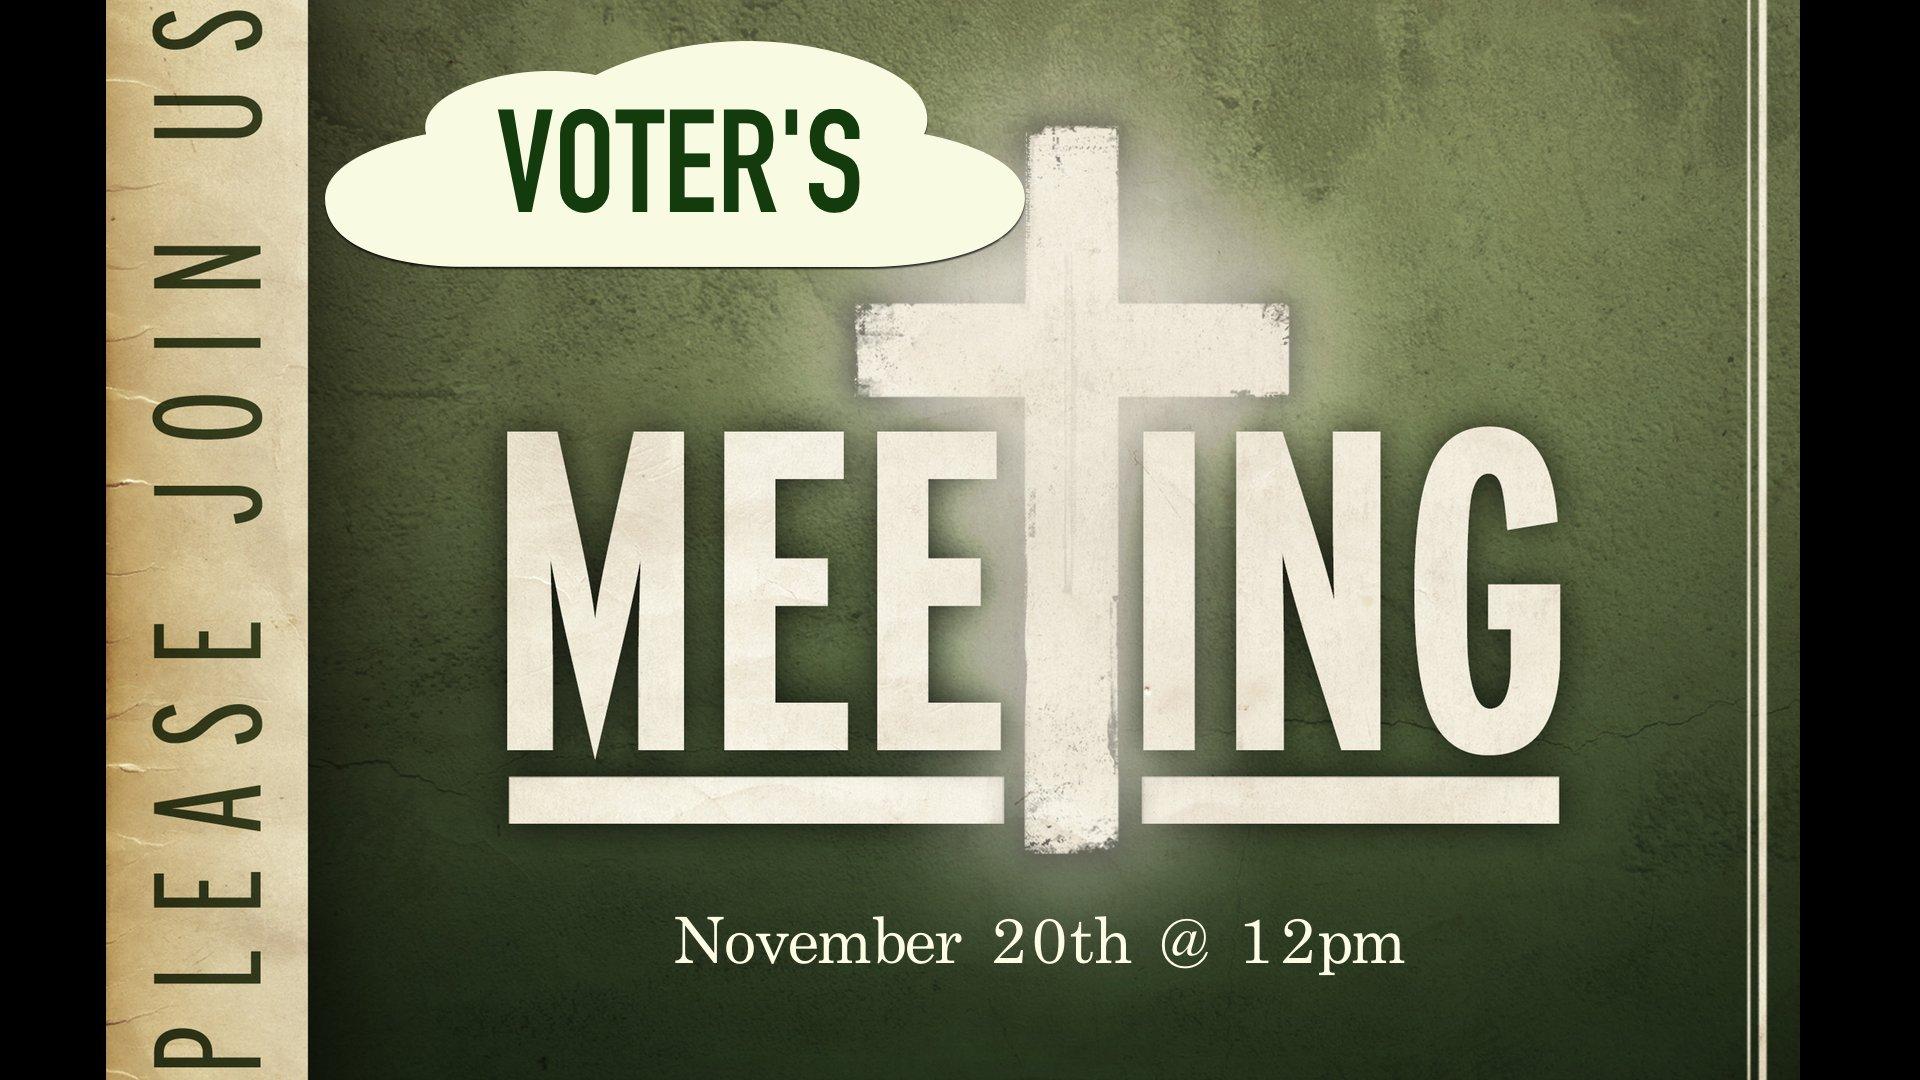 voters_meeting2016